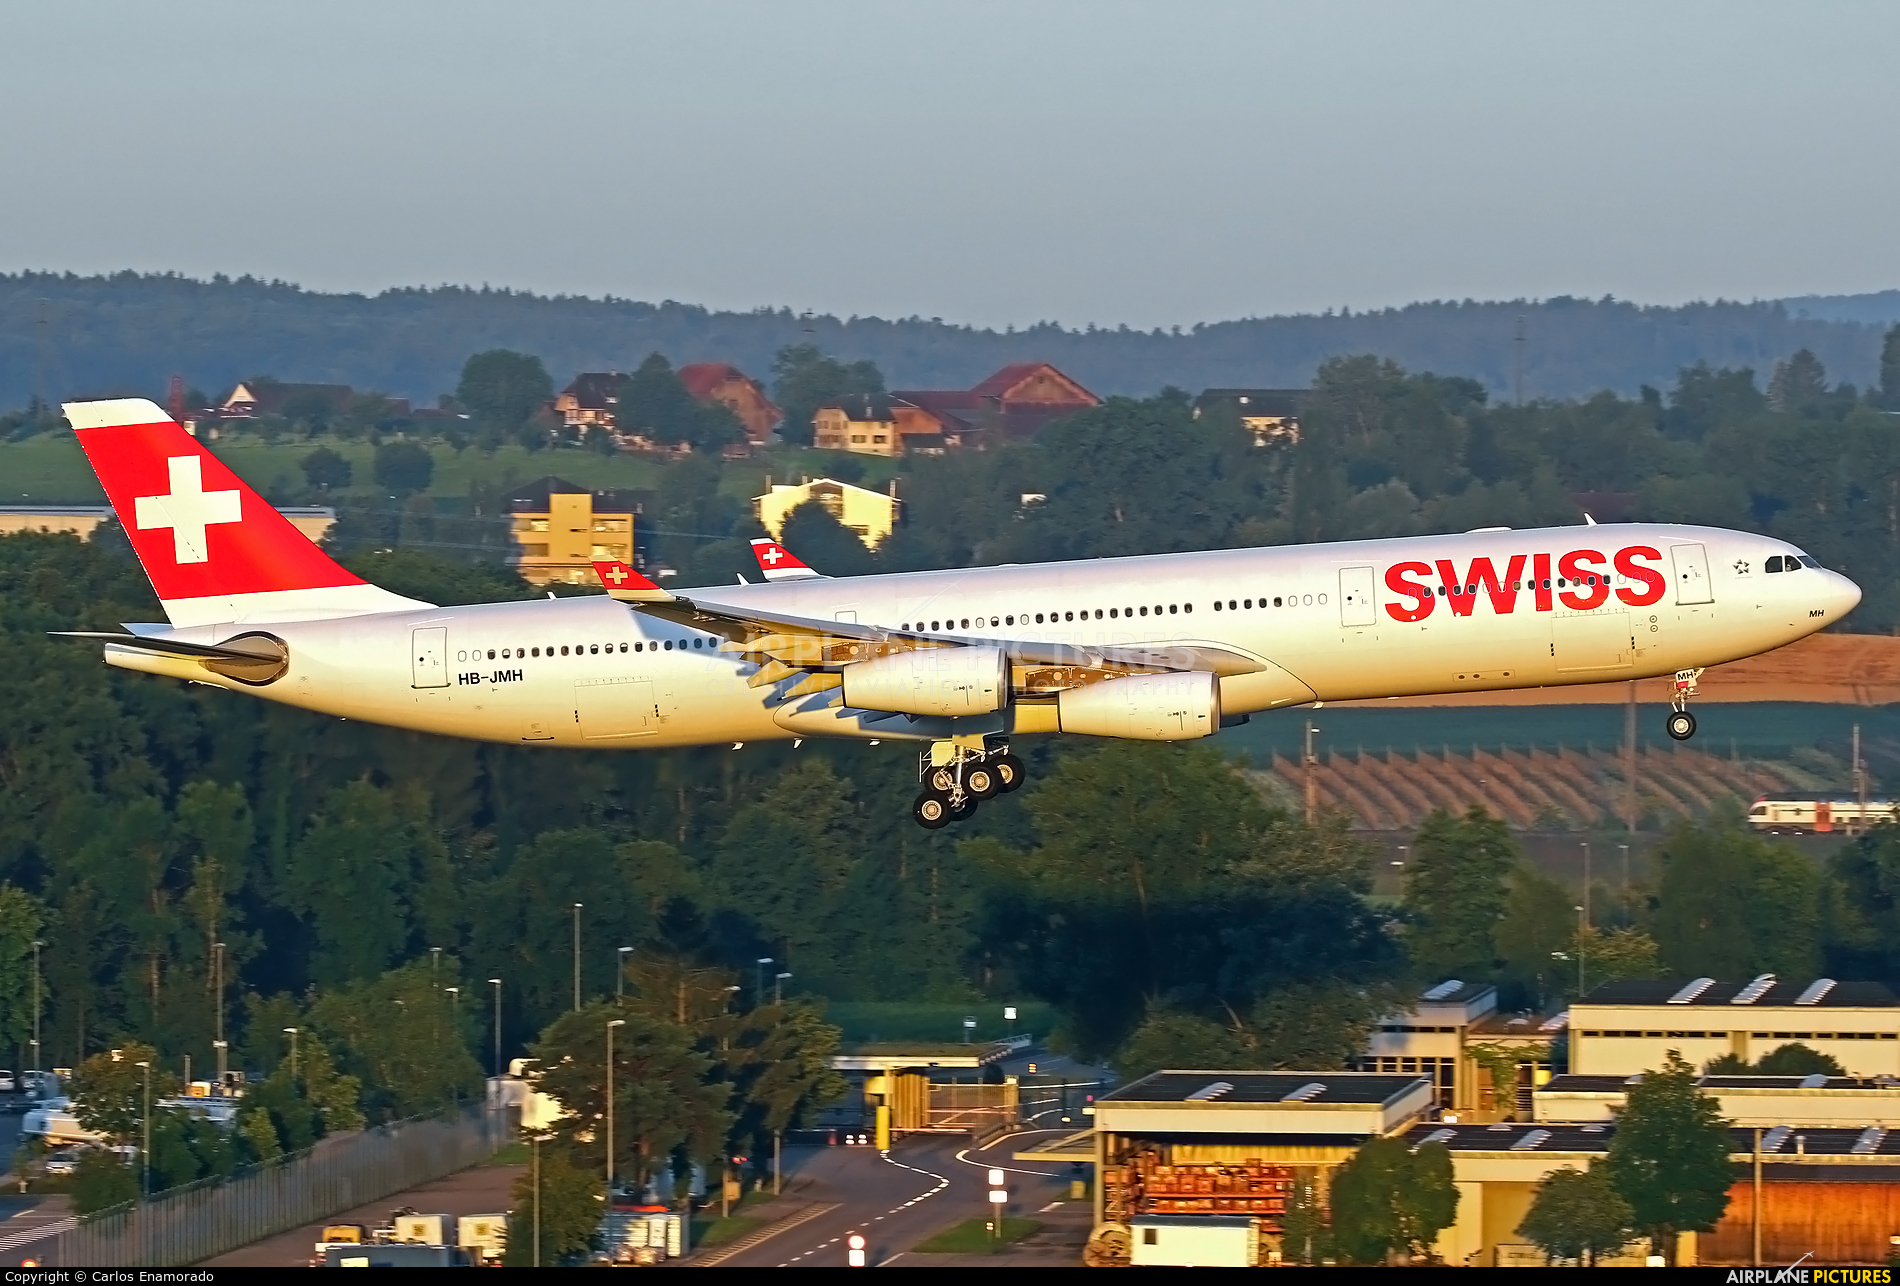 Swiss HB-JMH aircraft at Zurich